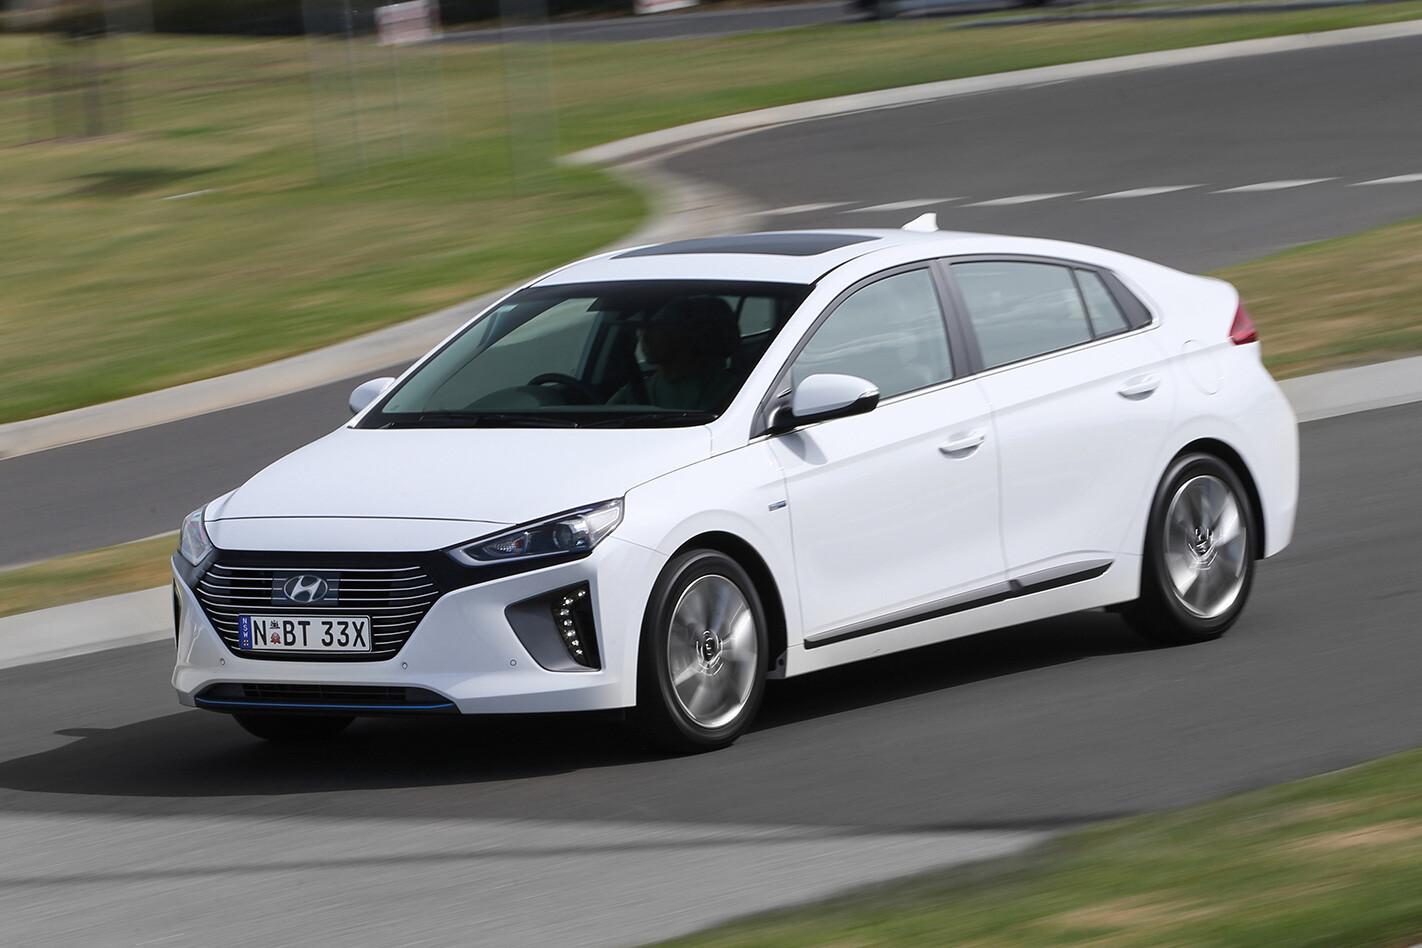 Hyundai Toyota Hyundai Driving Jpg